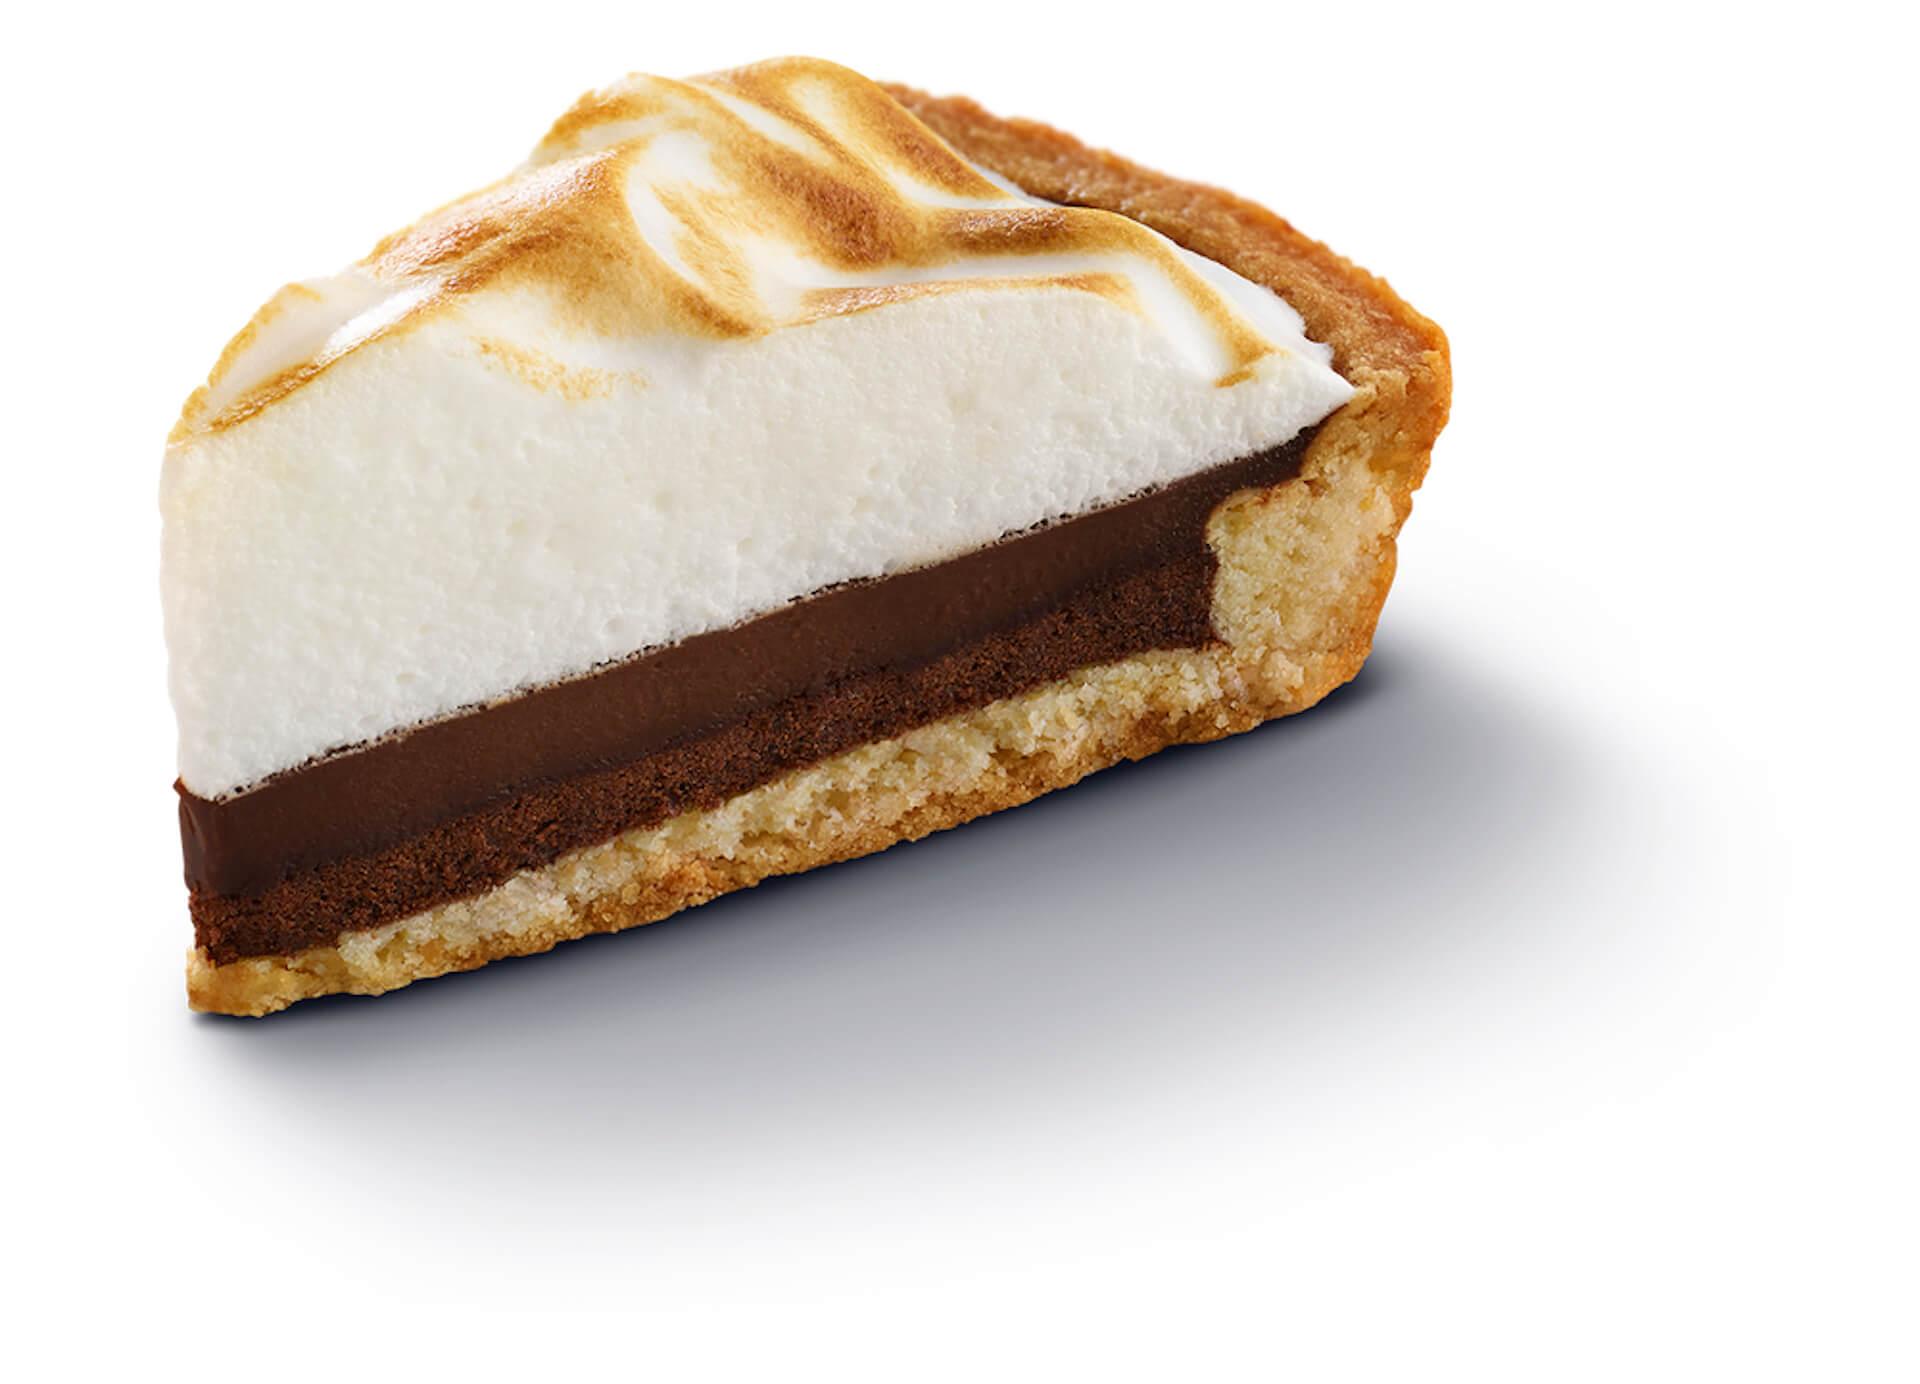 マクドナルドからオレオとのコラボチーズケーキ「オレオ クッキー チーズケーキ」が期間限定発売決定!500円のケーキセットも gourmet210317_mcdonald_oreo_2